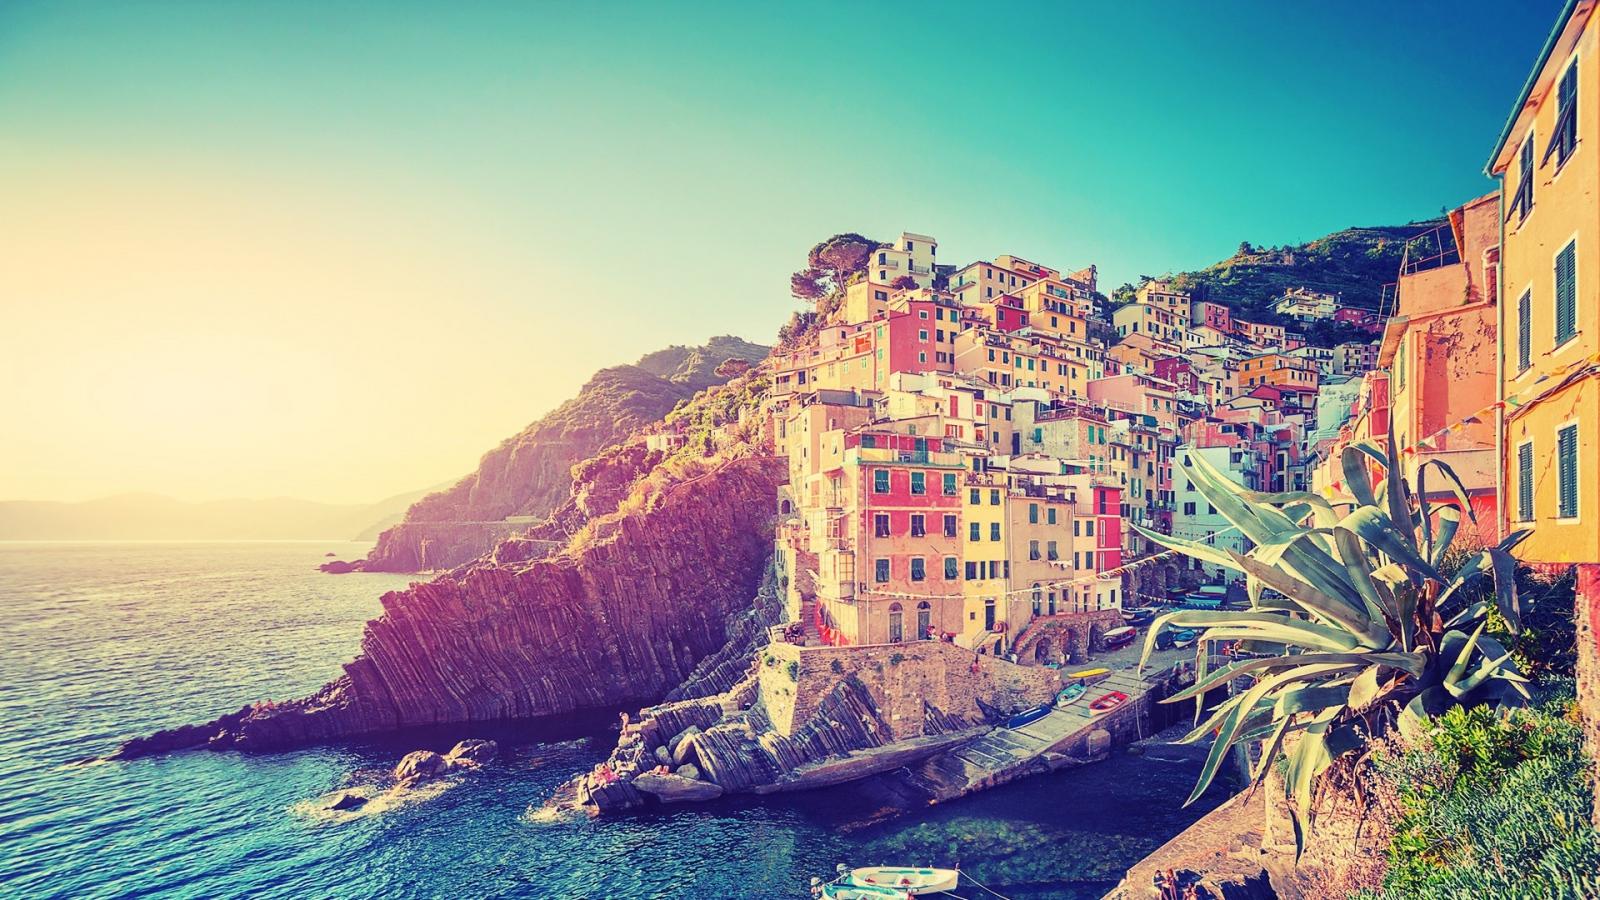 Купить квартиру в италии недорого в рублях пенсионерам